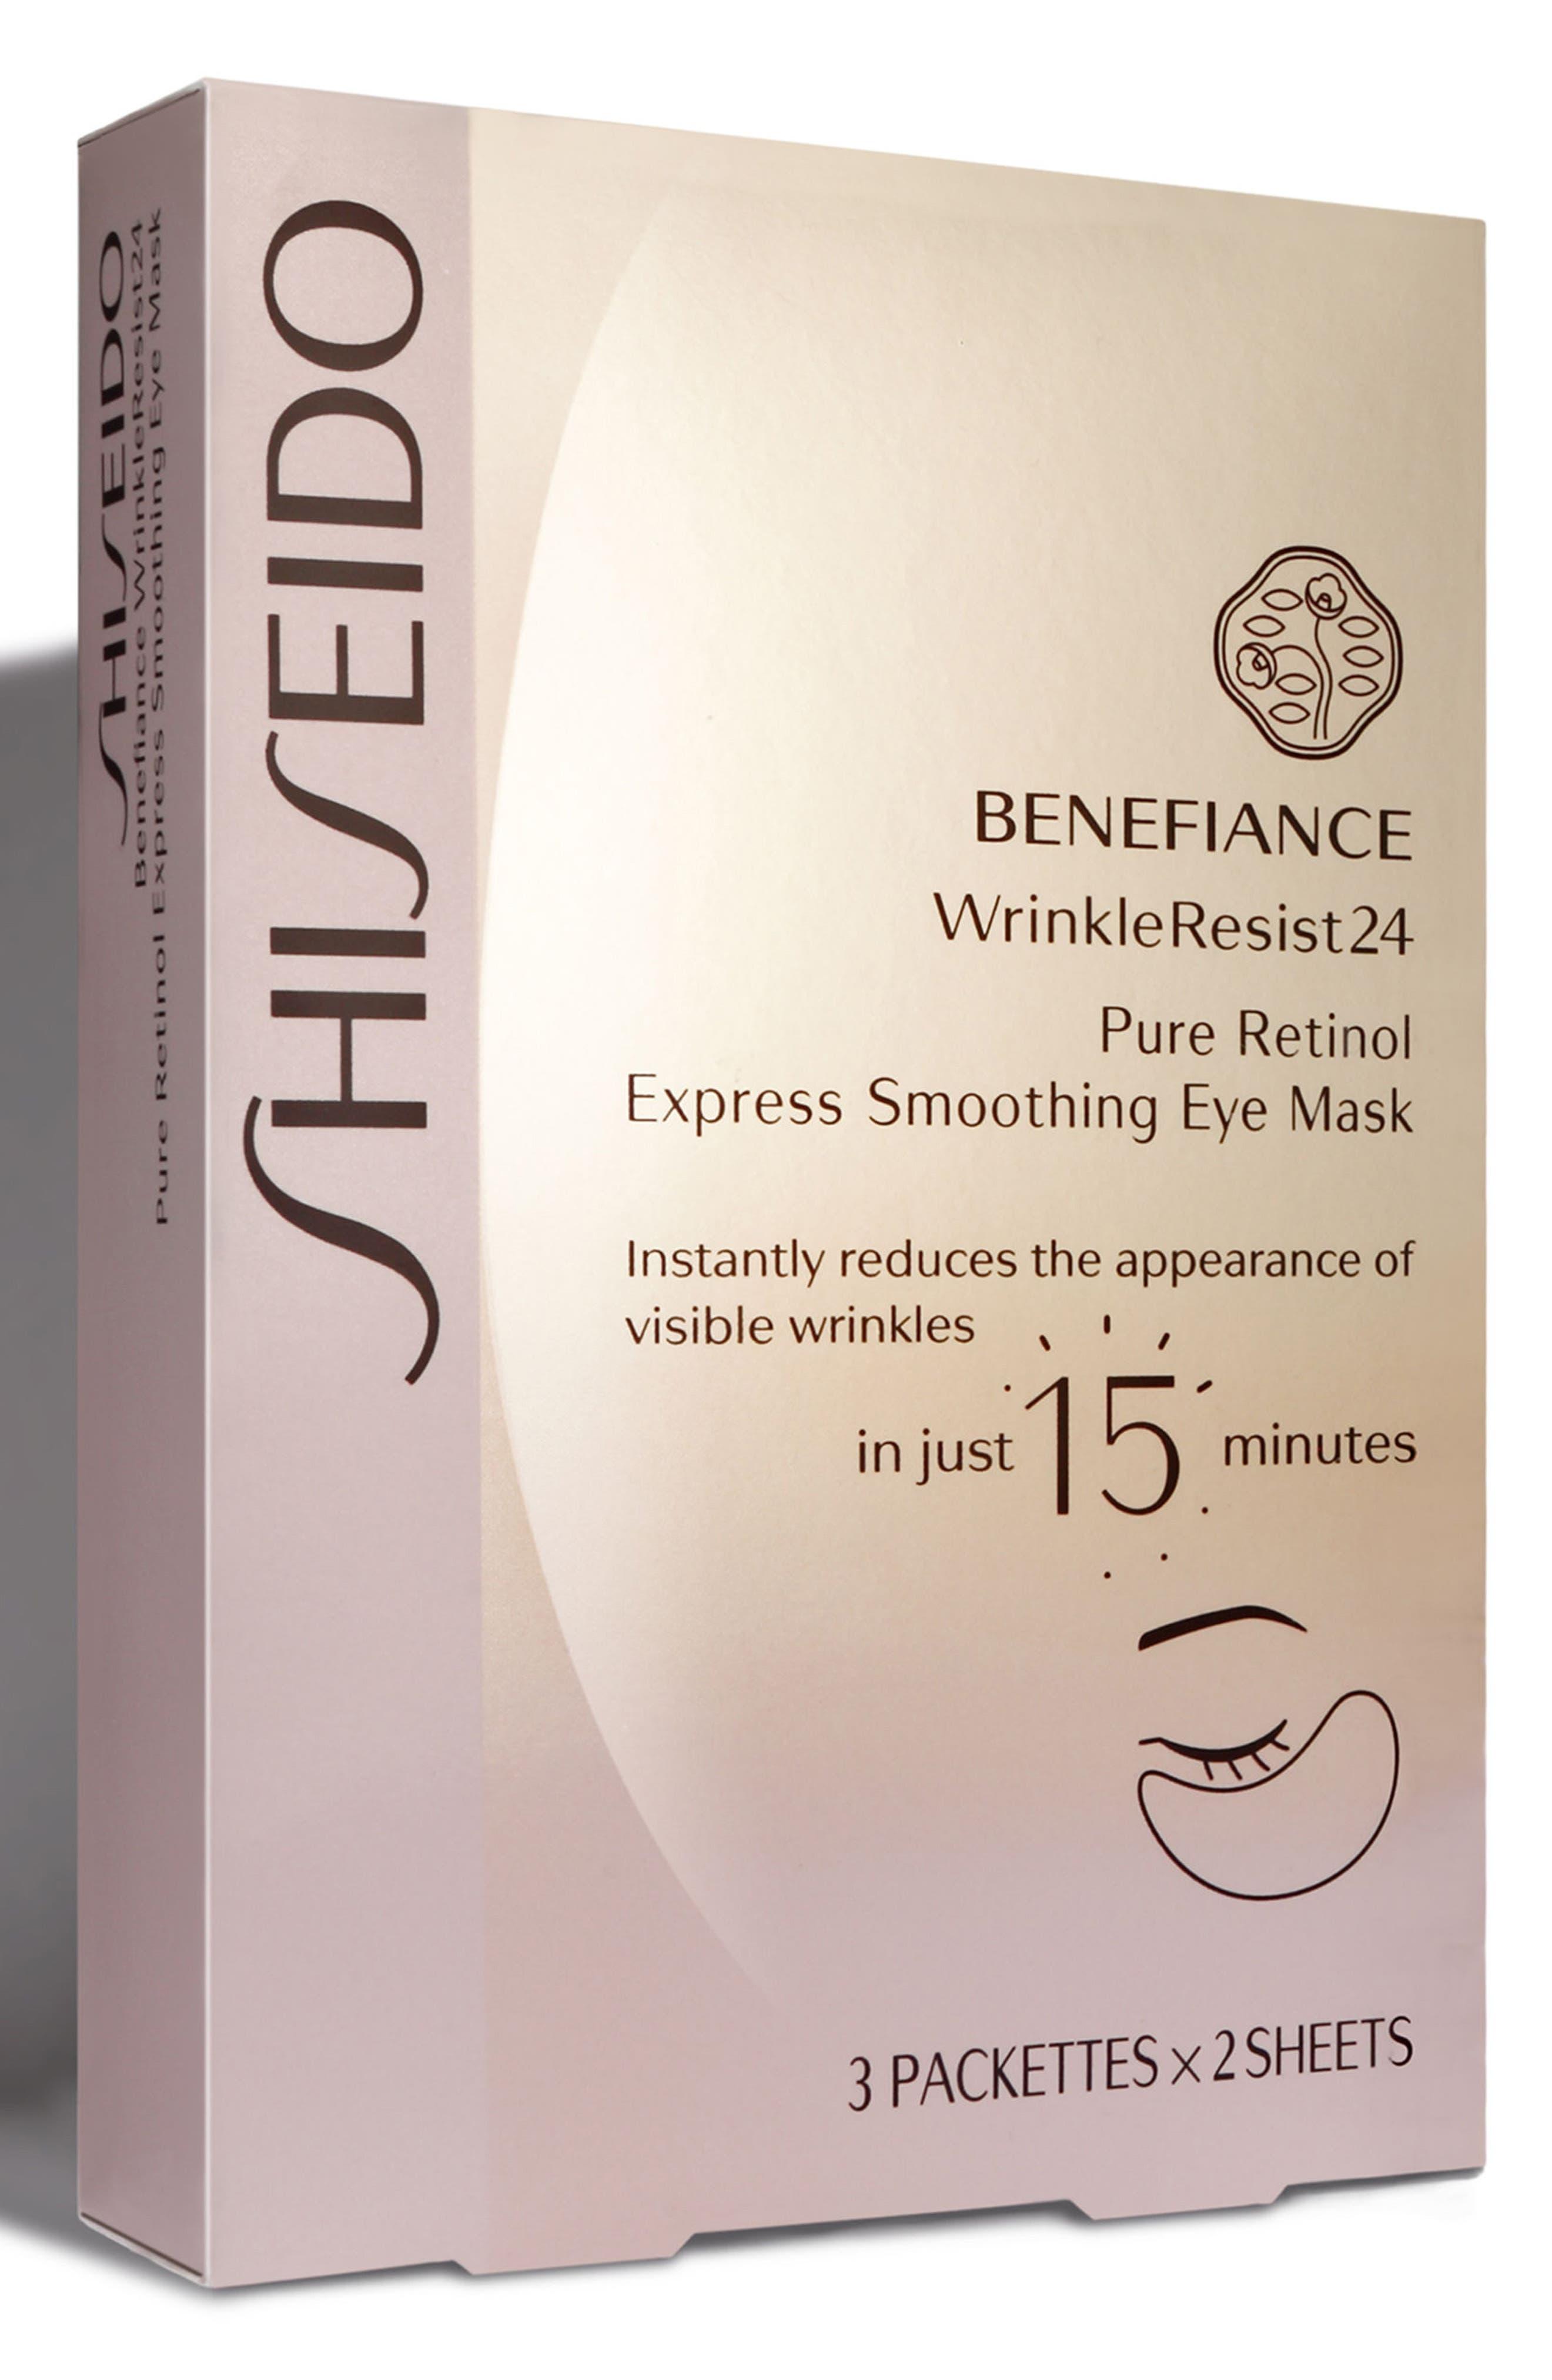 Benefiance WrinkleResist24 Pure Retinol Express Smoothing Eye Mask,                             Main thumbnail 1, color,                             000